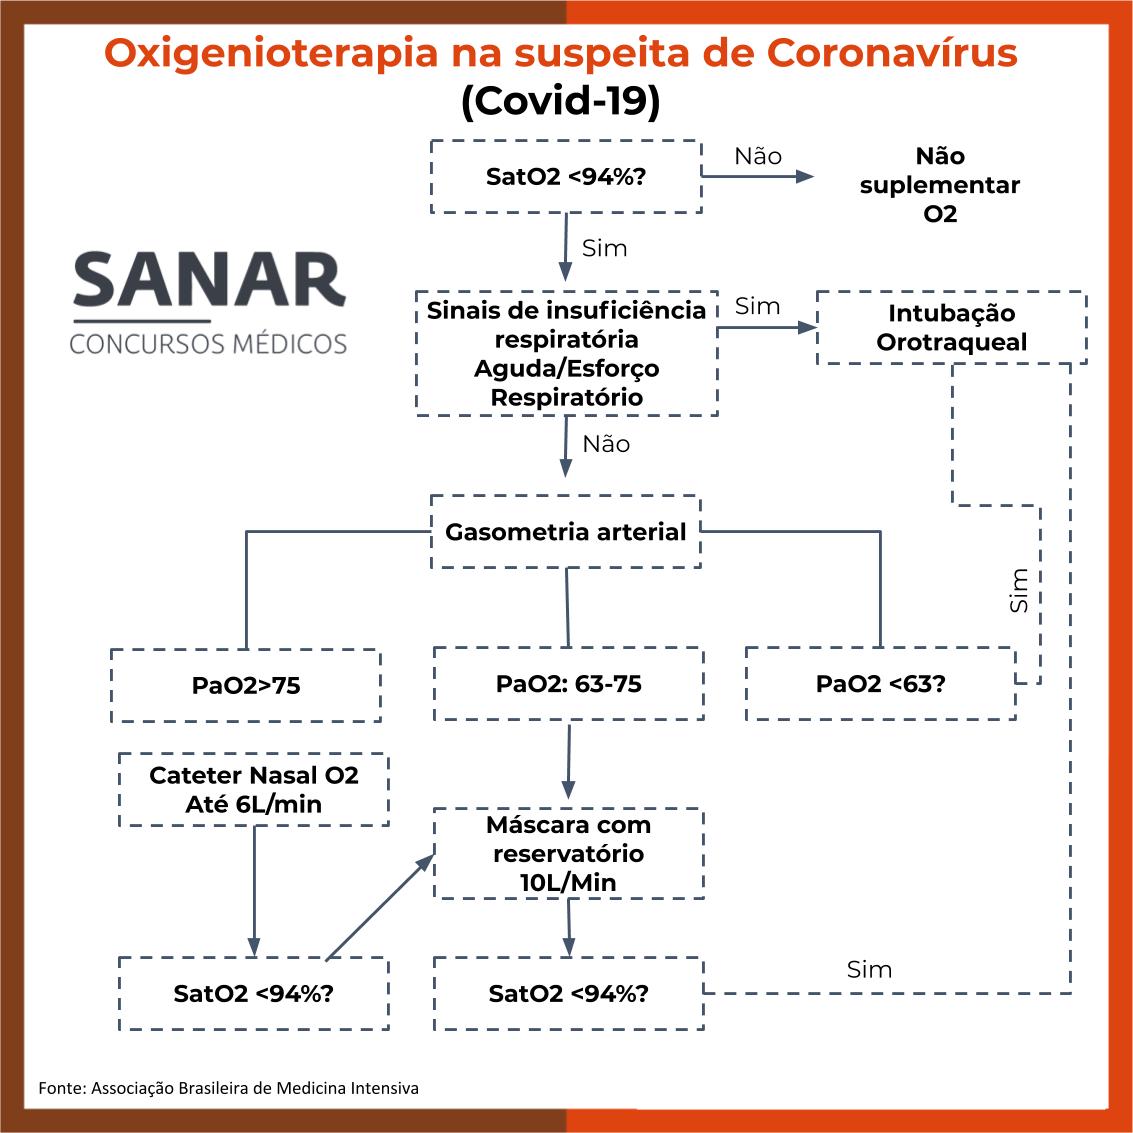 Oxigenoterapia na suspeita de Coronavírus - Sanar Medicina